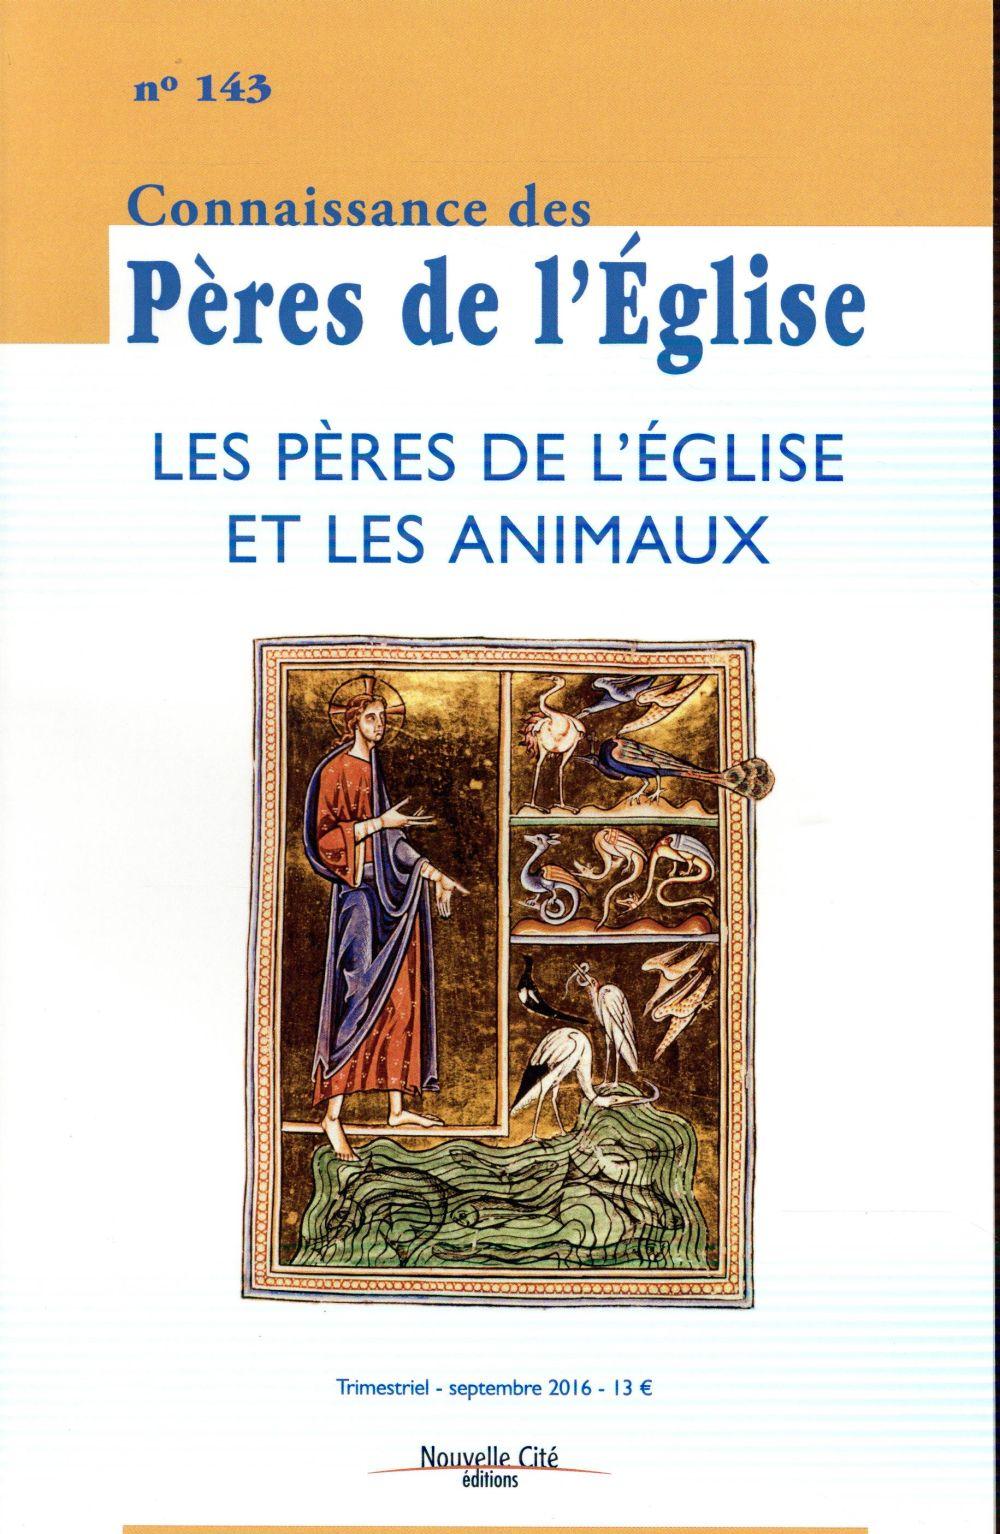 CPE 143 LES PERES DE L'EGLISE ET LES ANIMAUX